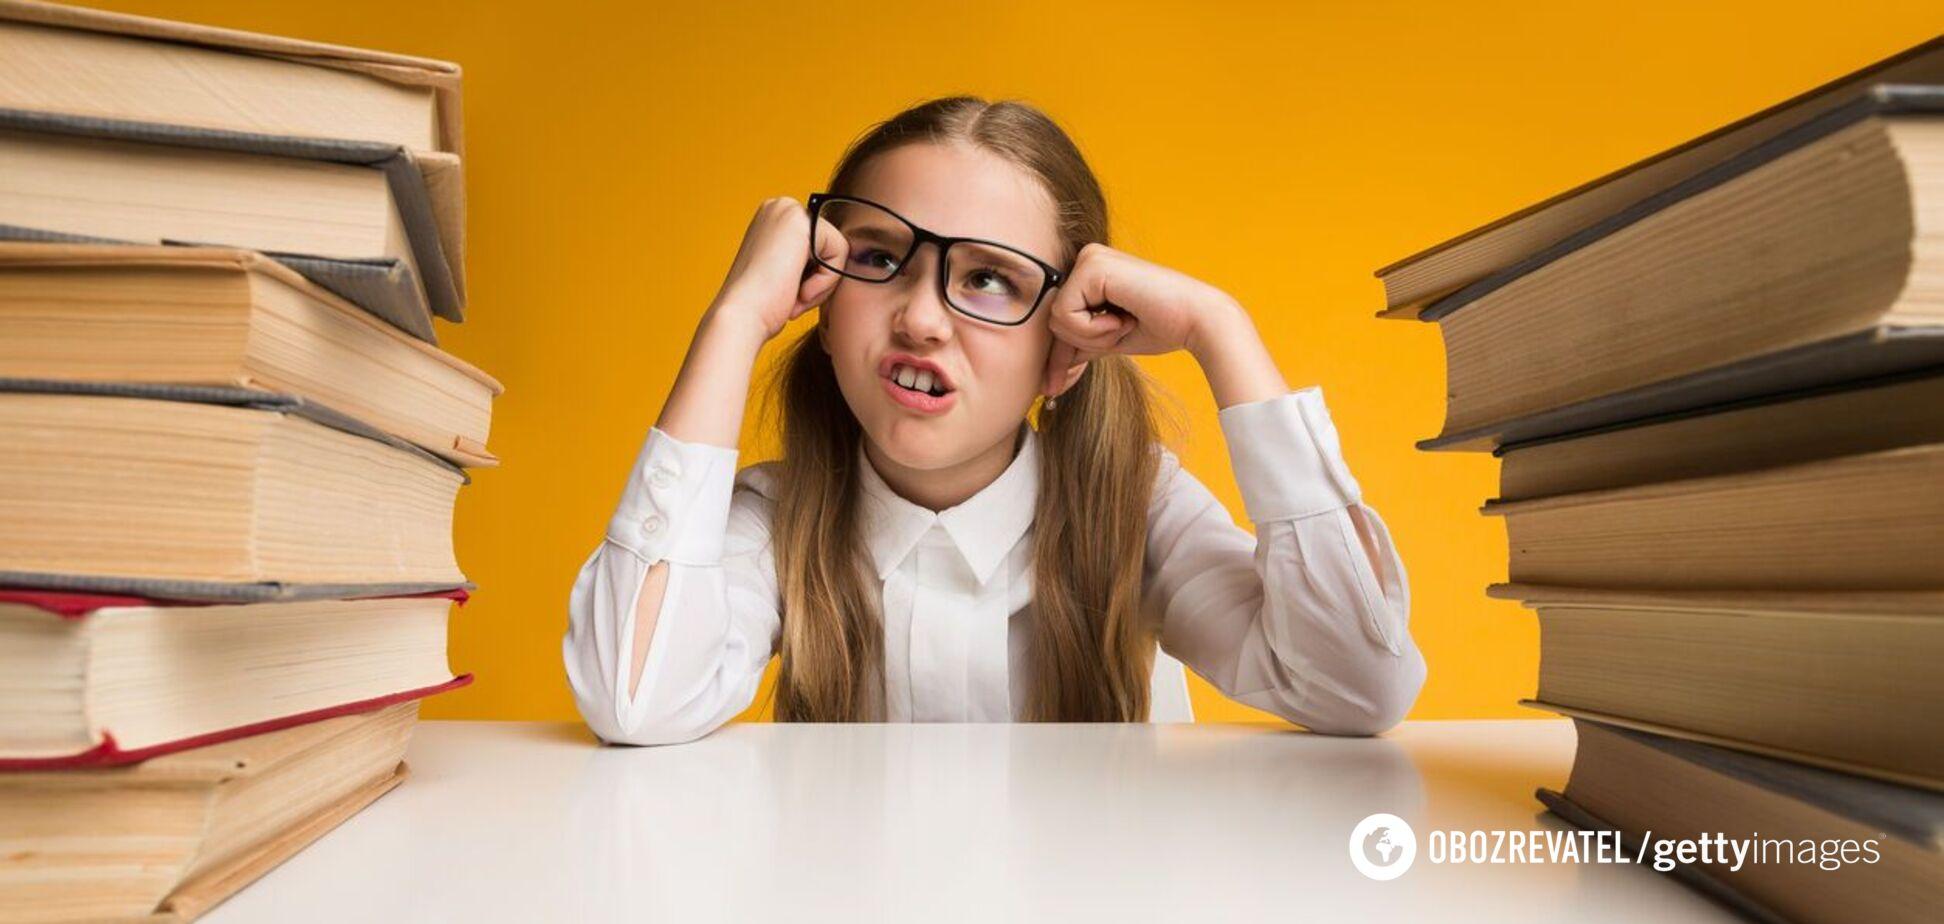 Як відбити тягу до знань у дитини: топ-6 помилок батьків